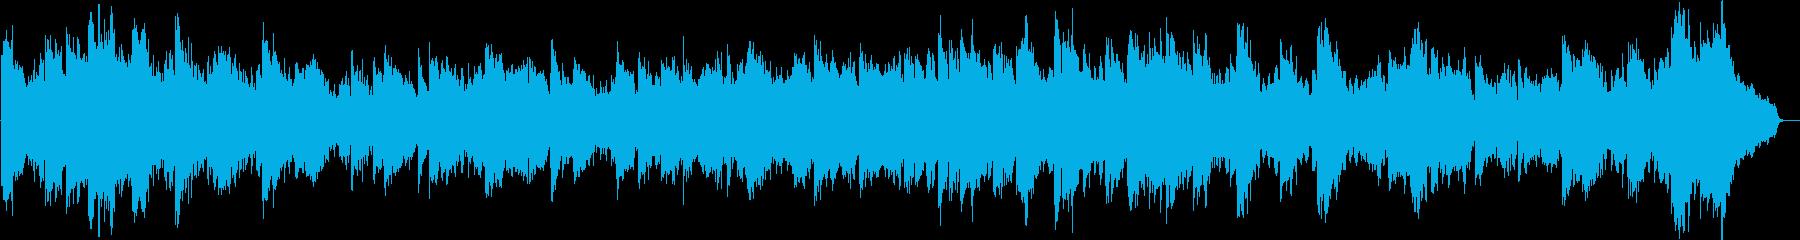 ショパンのエチュード Op10 No1の再生済みの波形